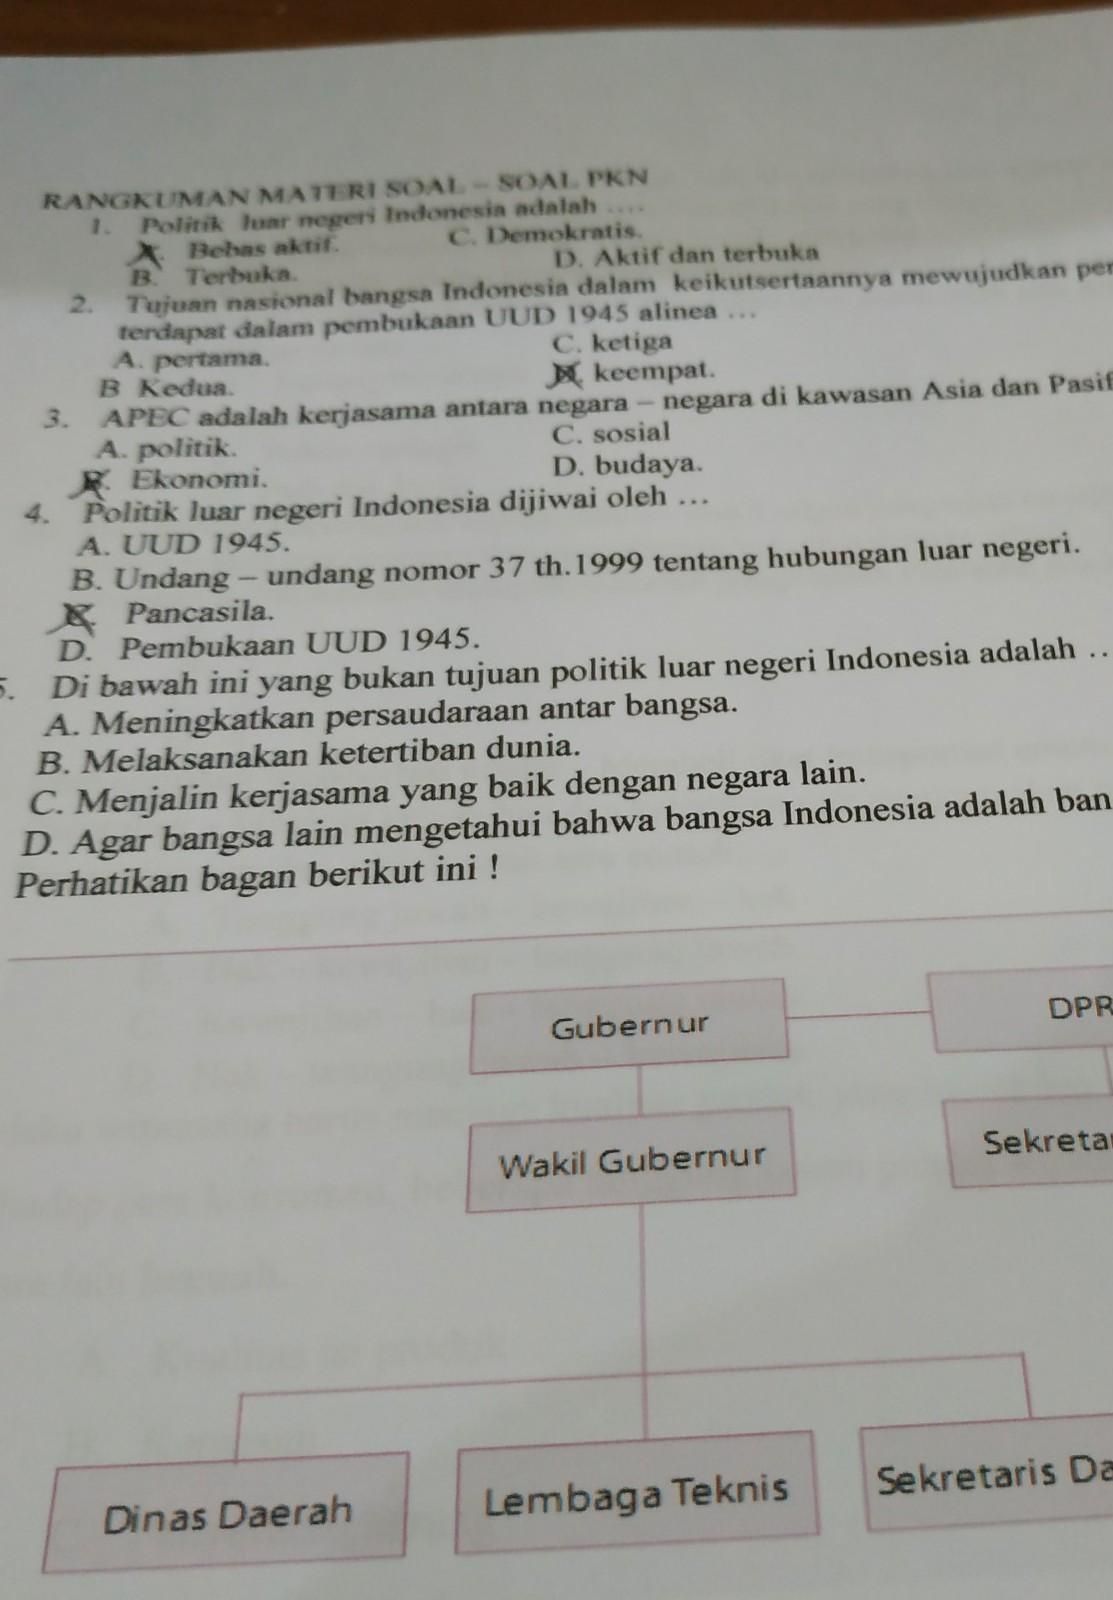 (DOC) sejarah perumusan politik luar negeri indonesia